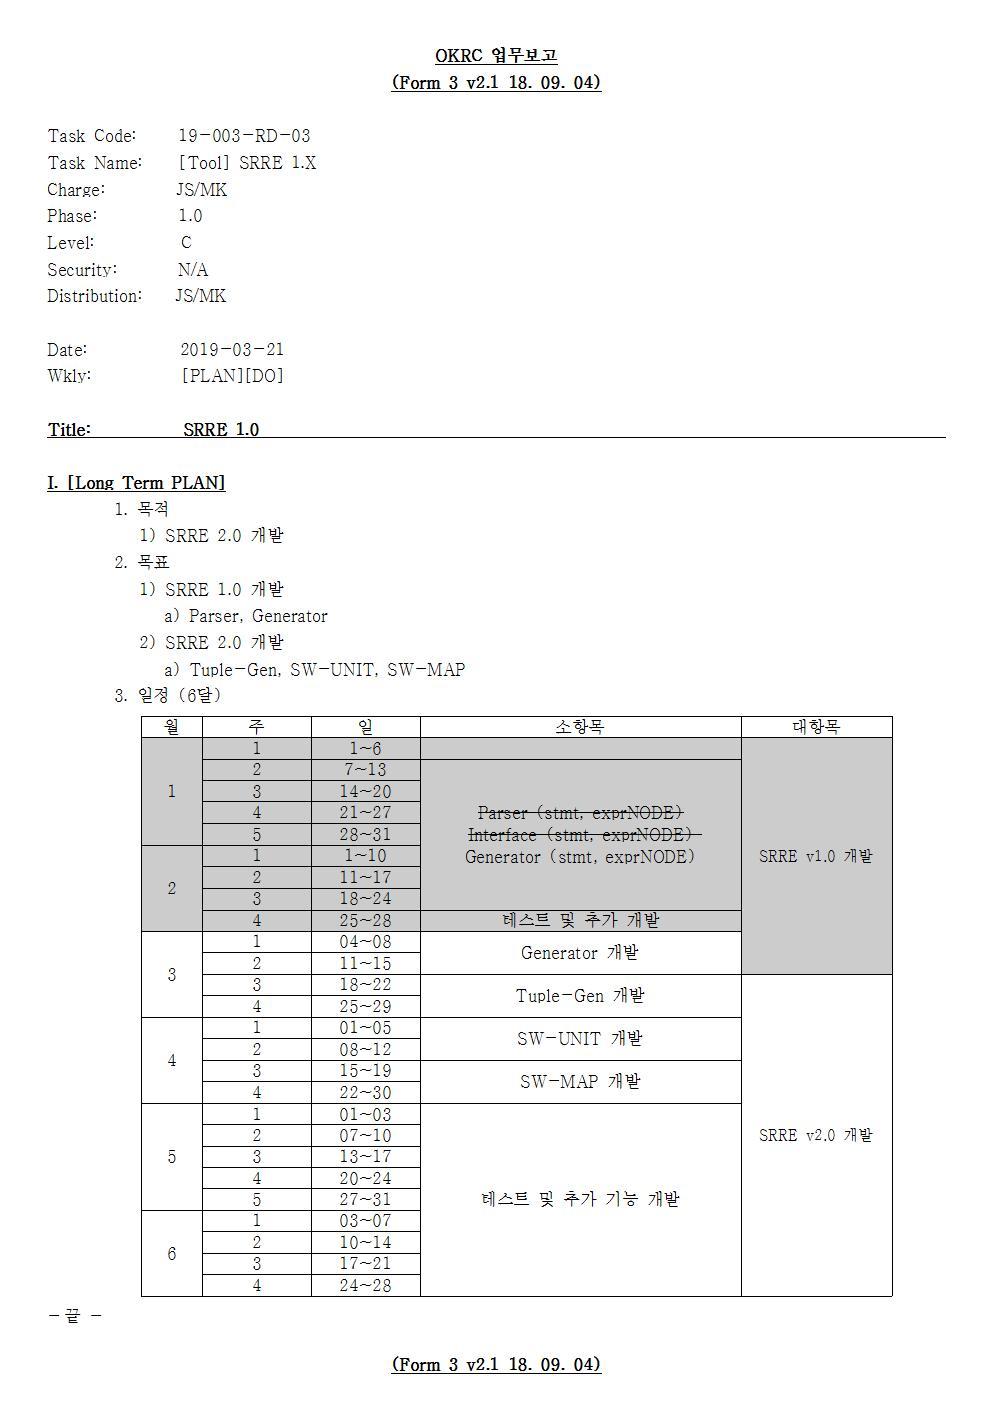 D-[19-003-RD-03]-[Tool-SRRE-1.X]-[2019-03-21][JS]001.jpg